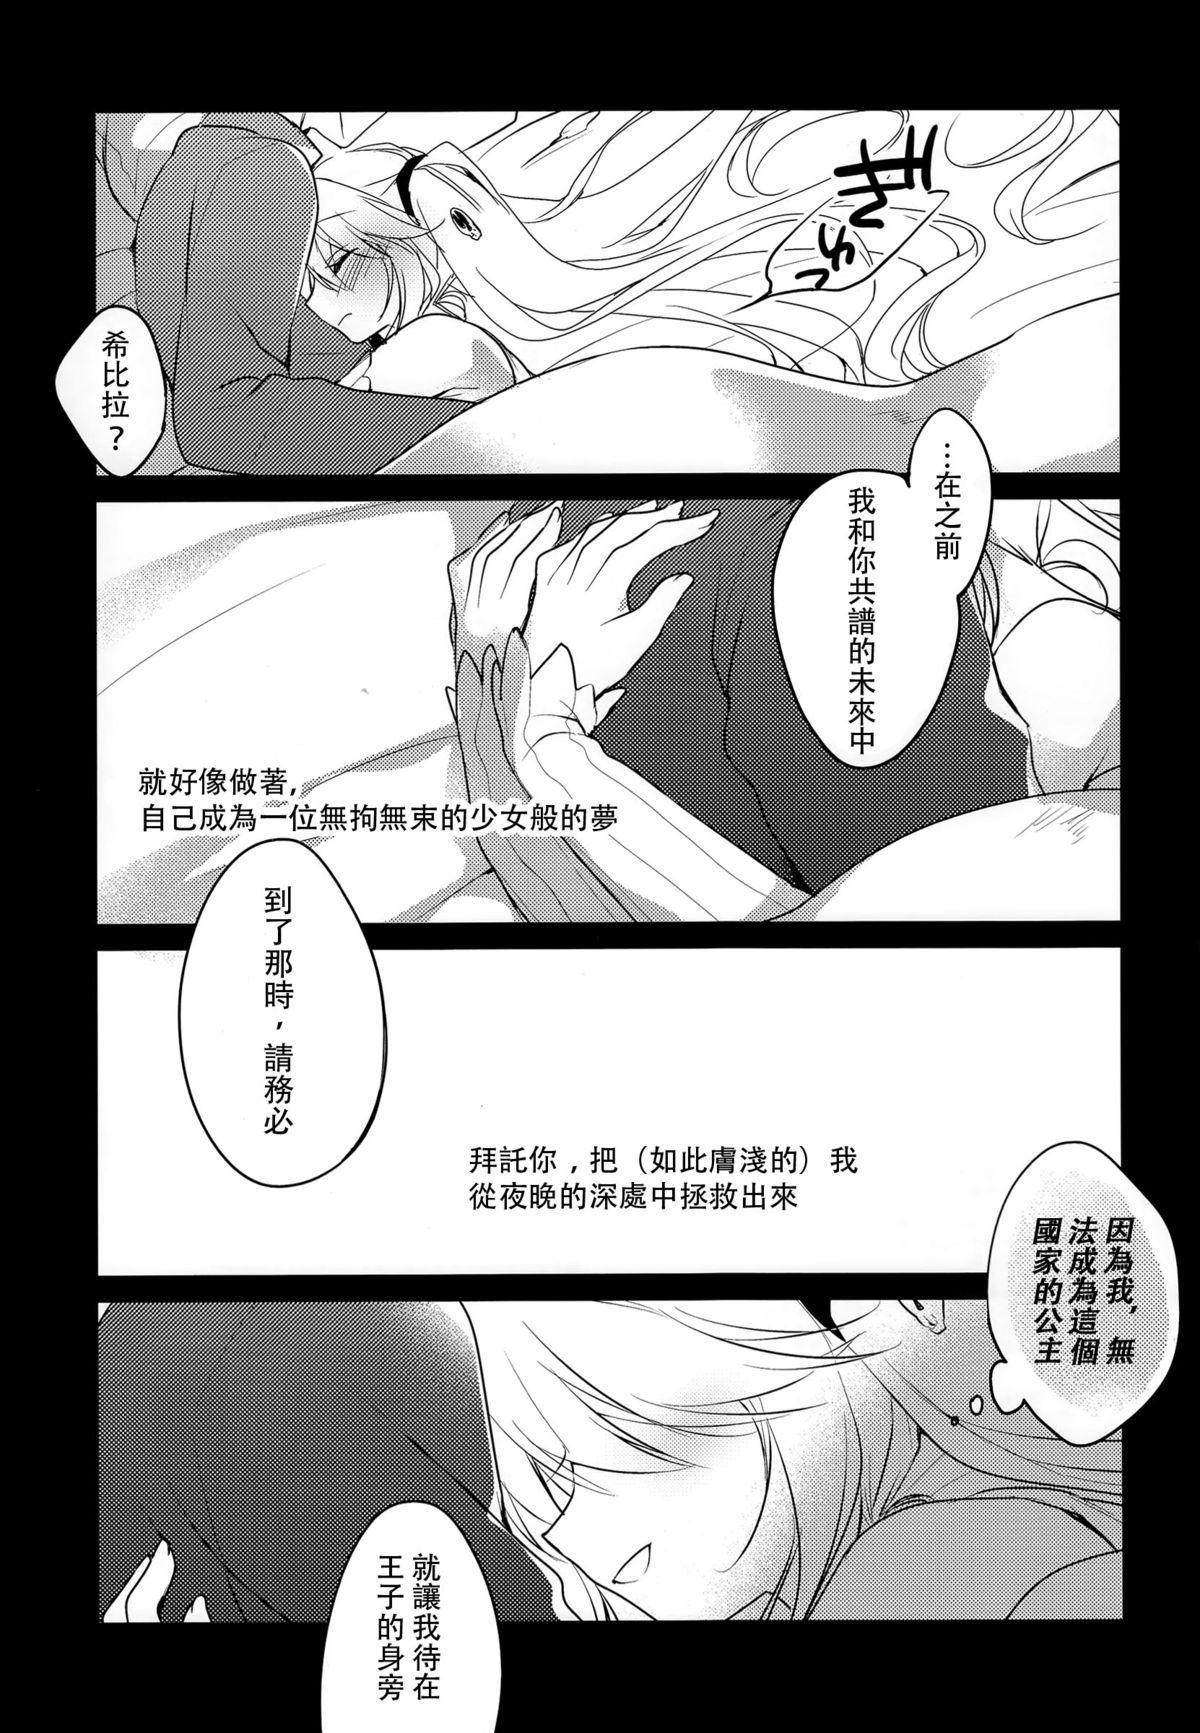 Yoru no Soko kara 19